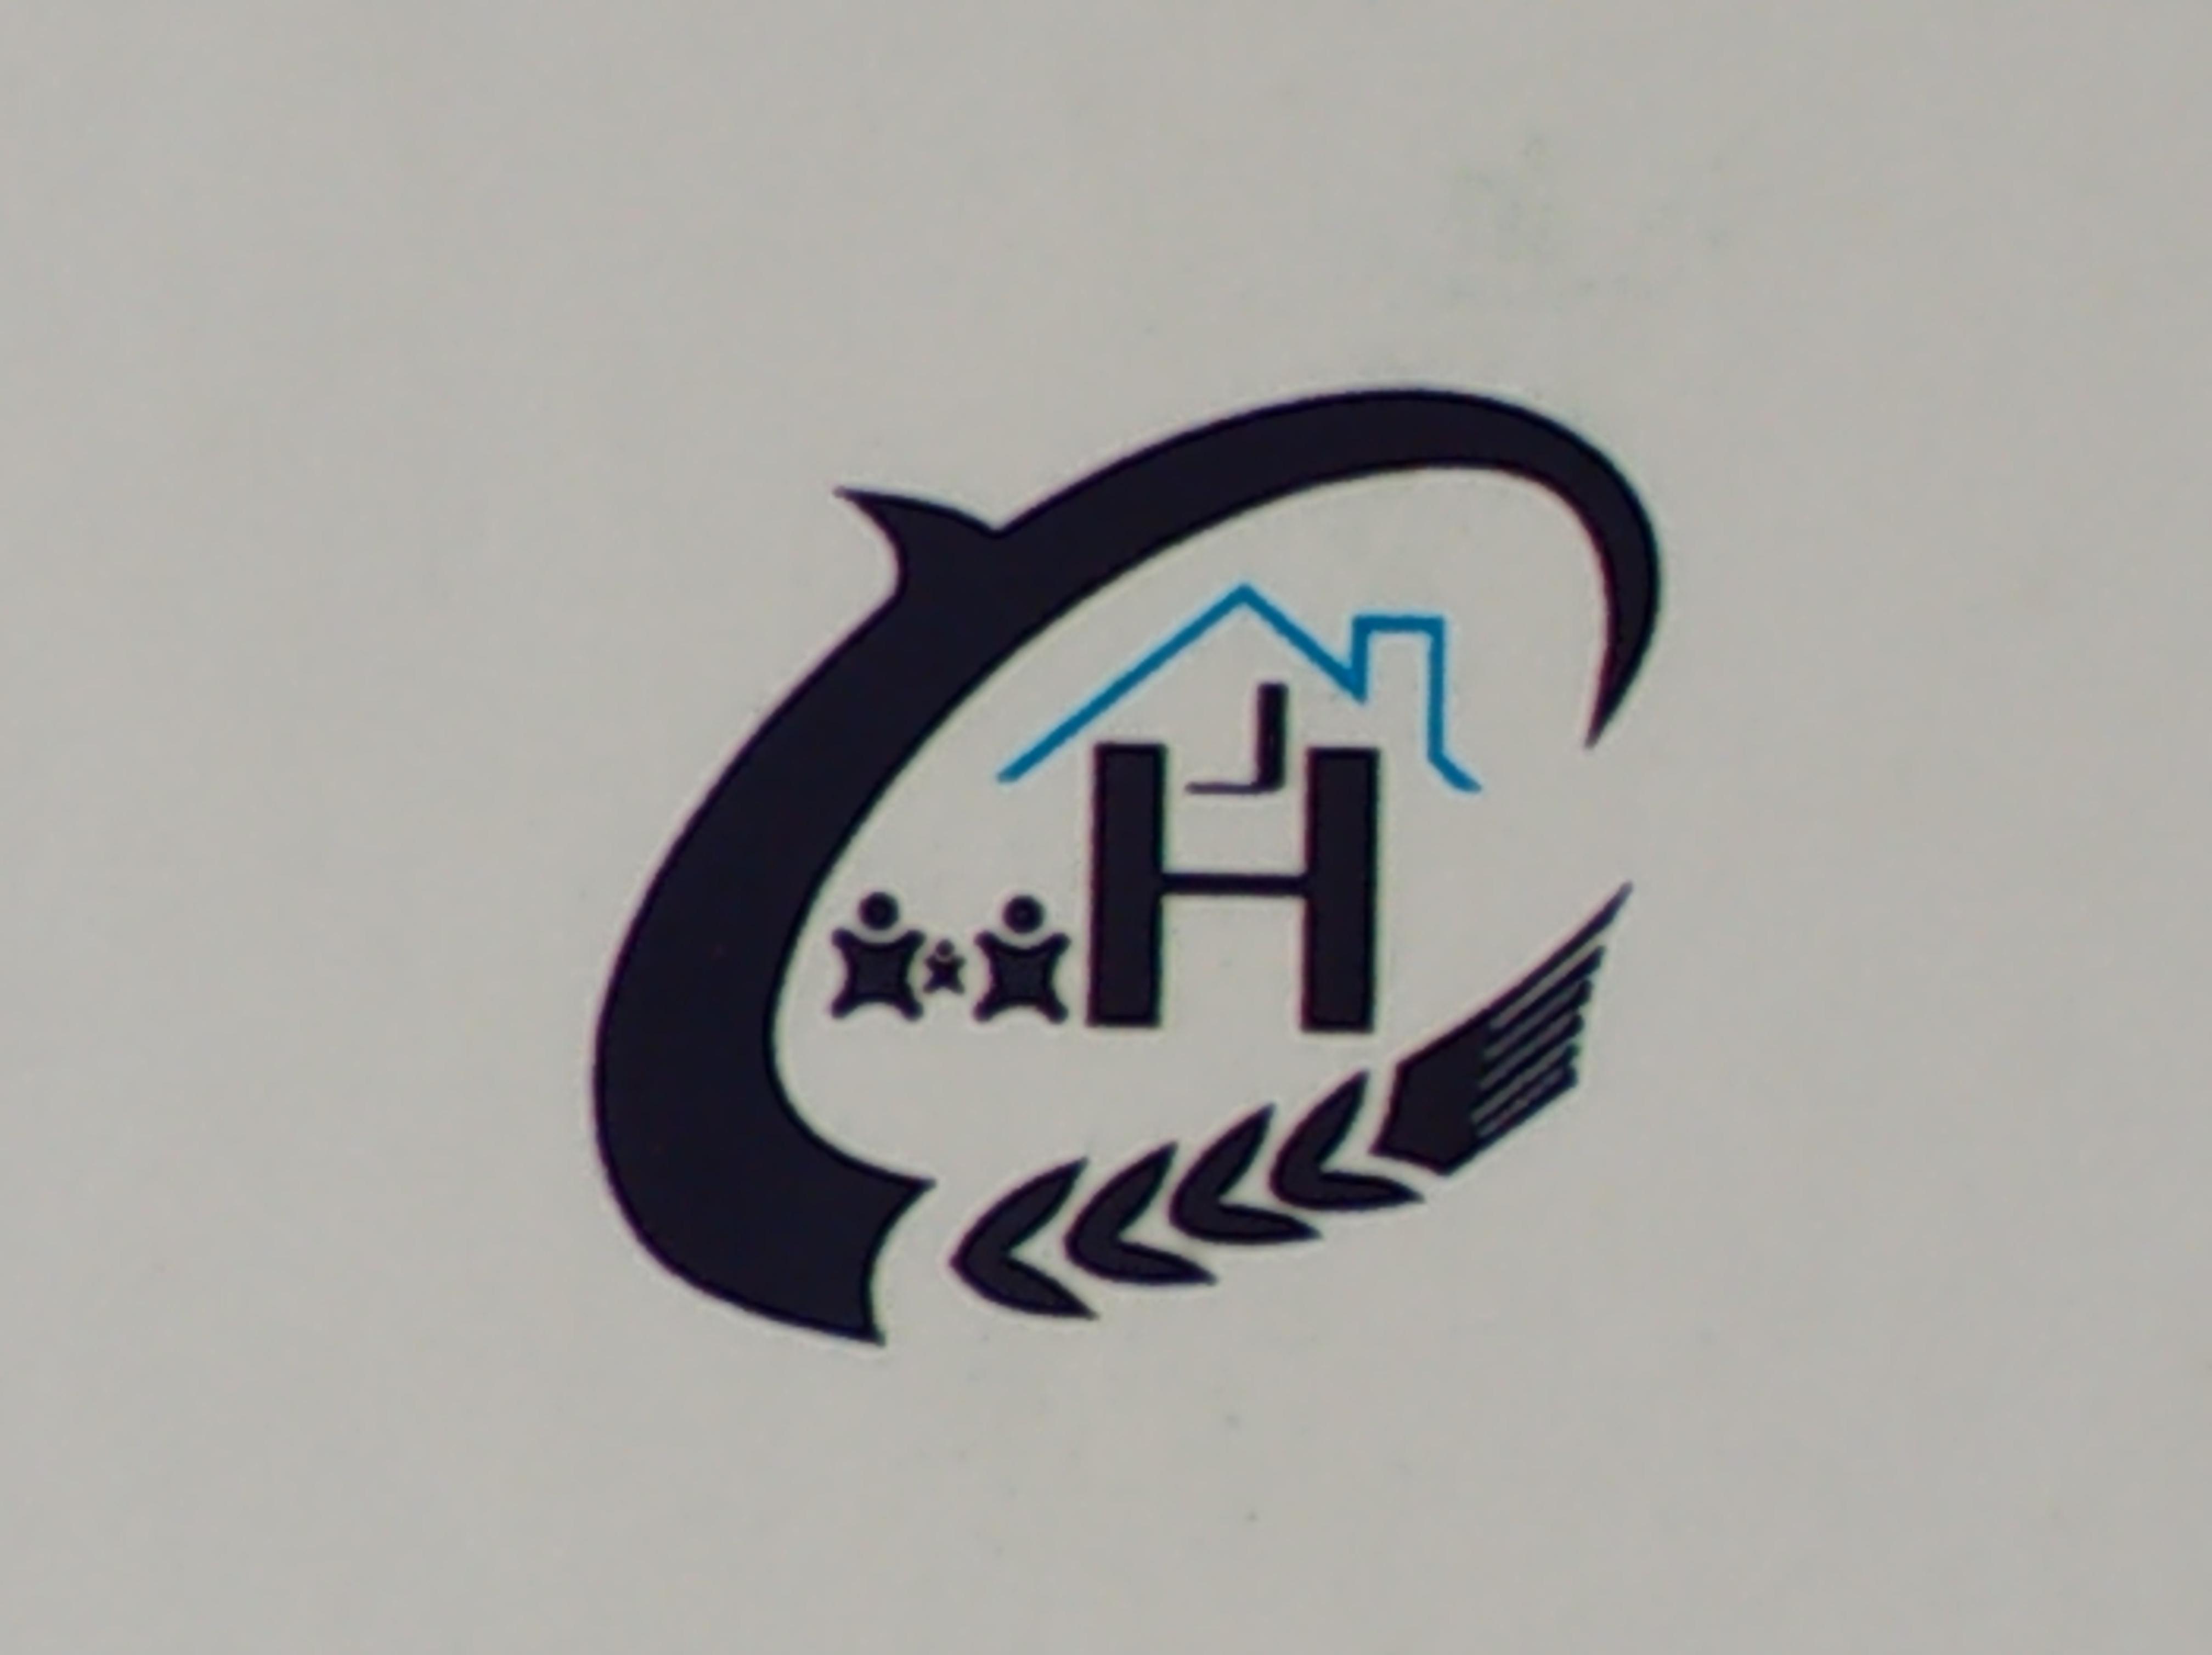 苏州家和蚕业生物科技有限公司